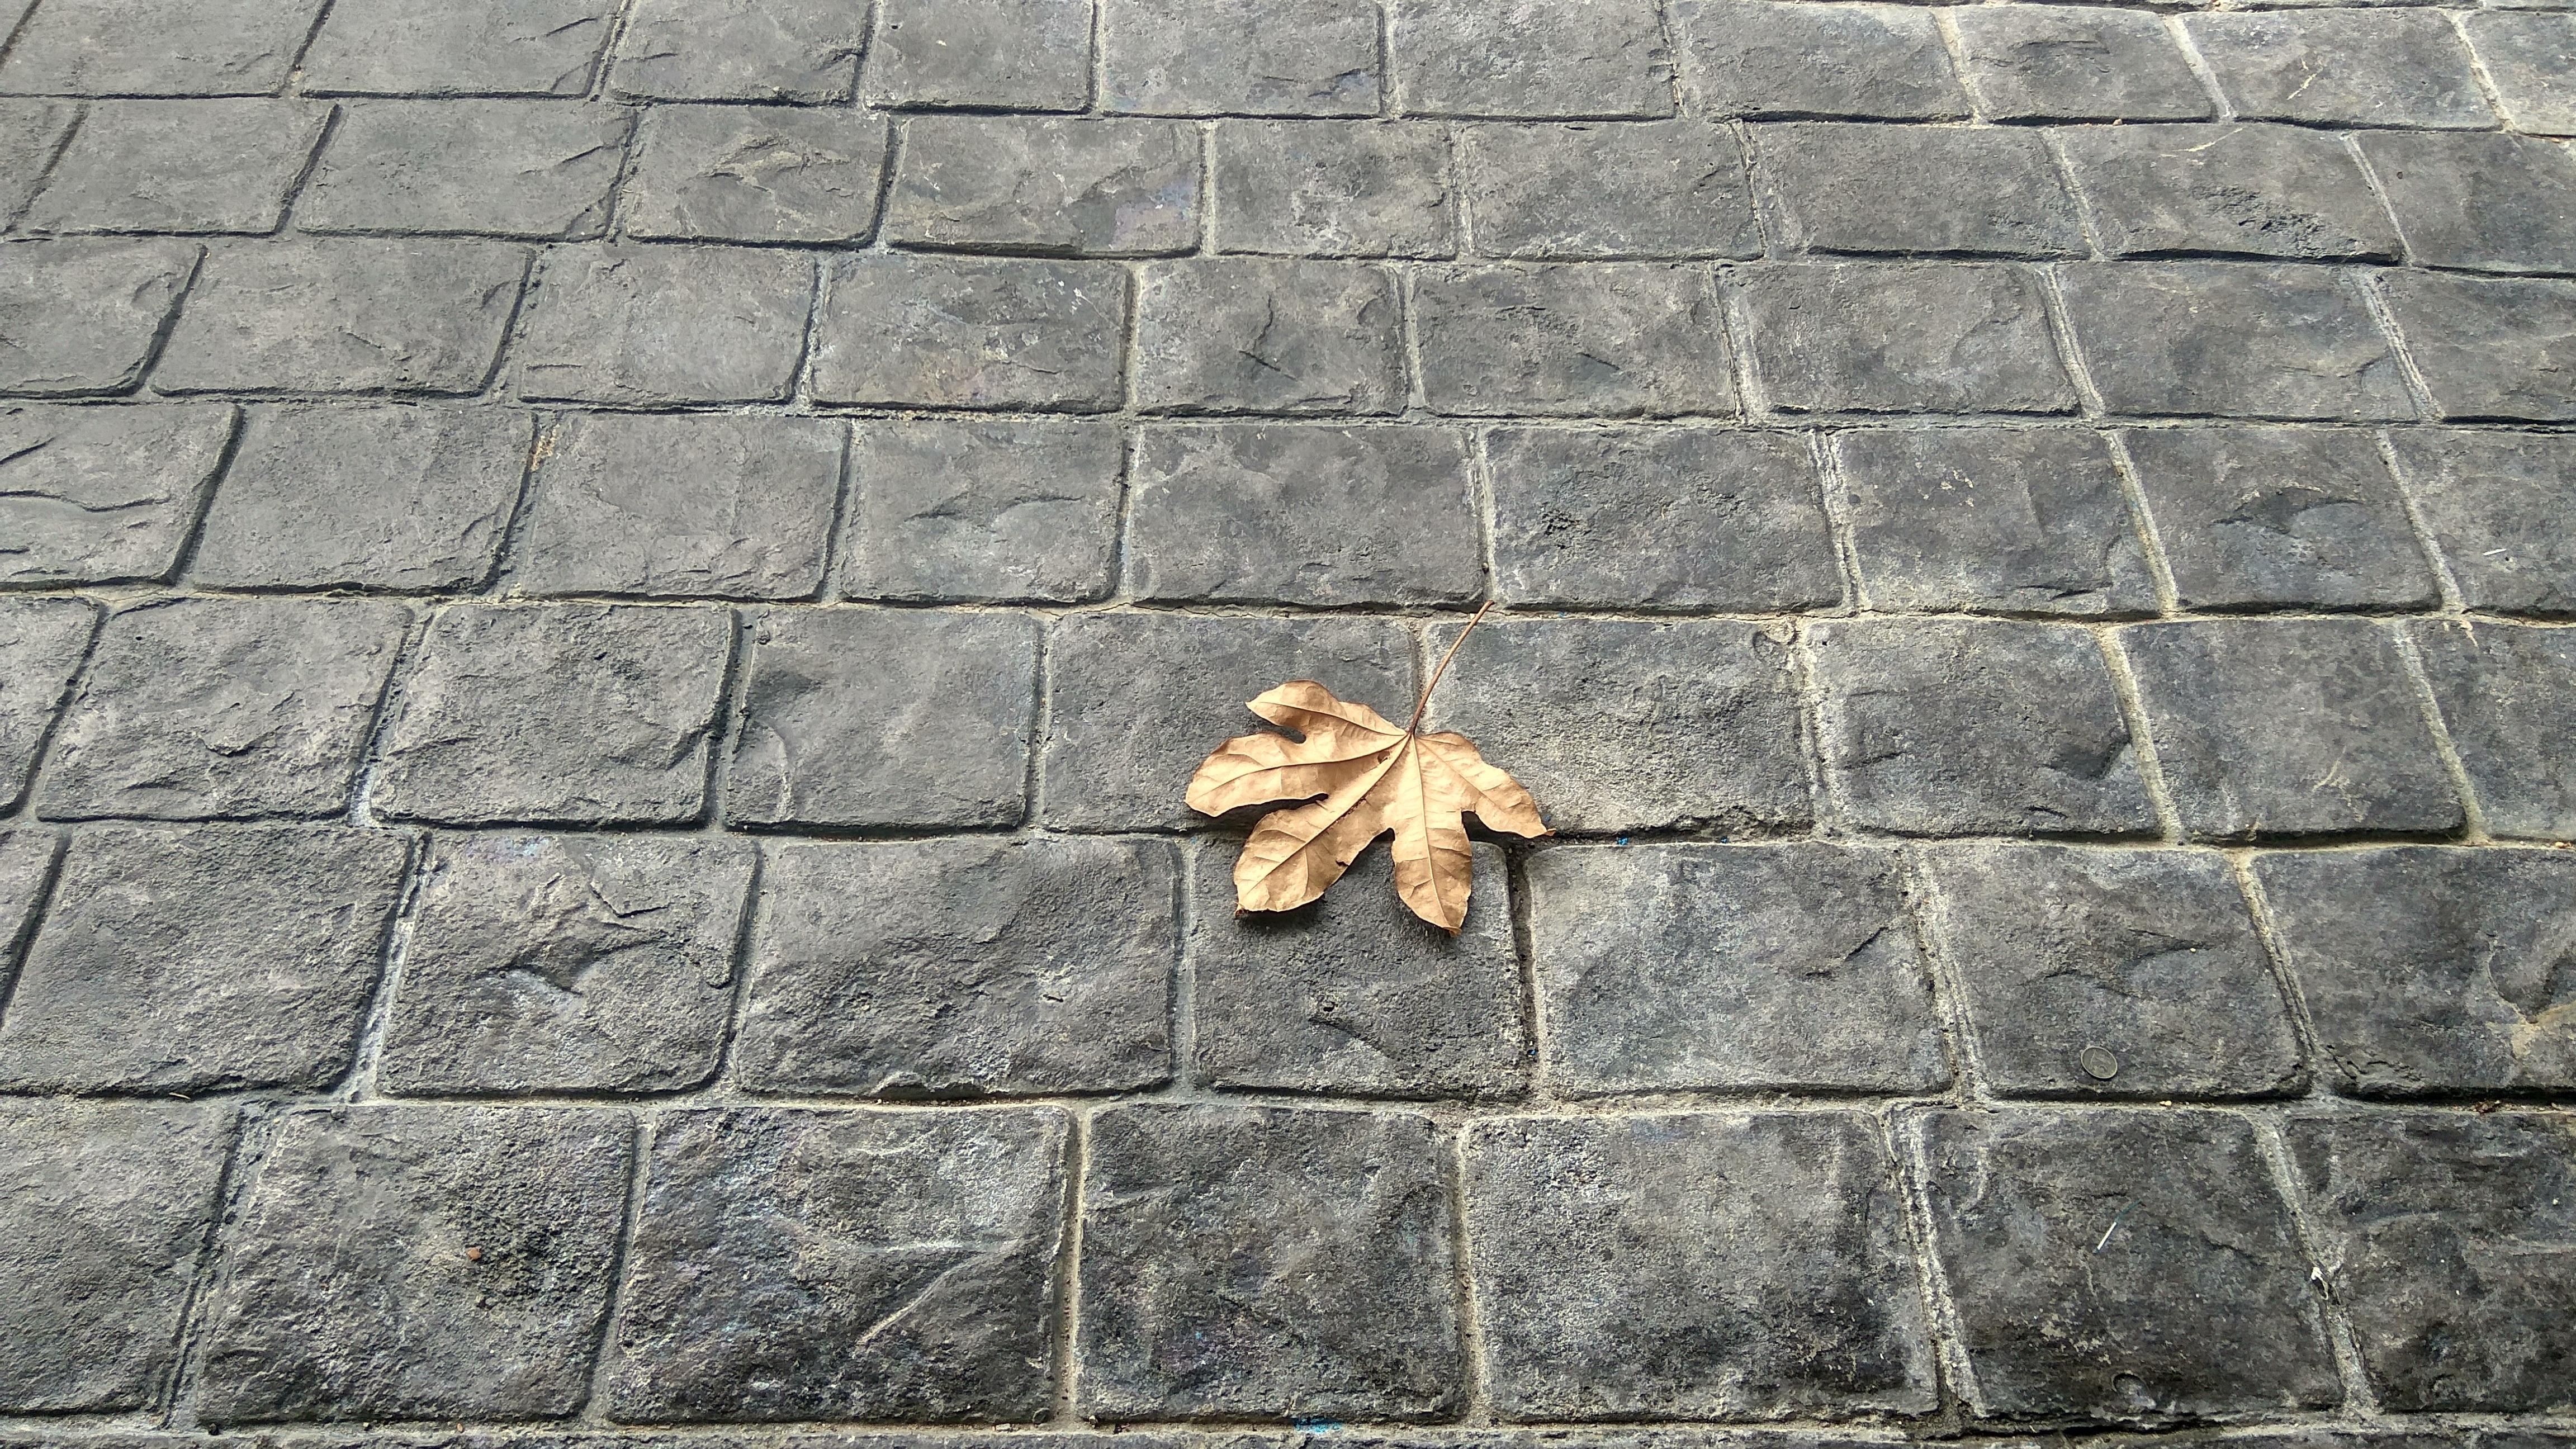 無料画像 岩 歩道 石畳 壁 アスファルト 土壌 タイル 石垣 レンガ 材料 葉 アート